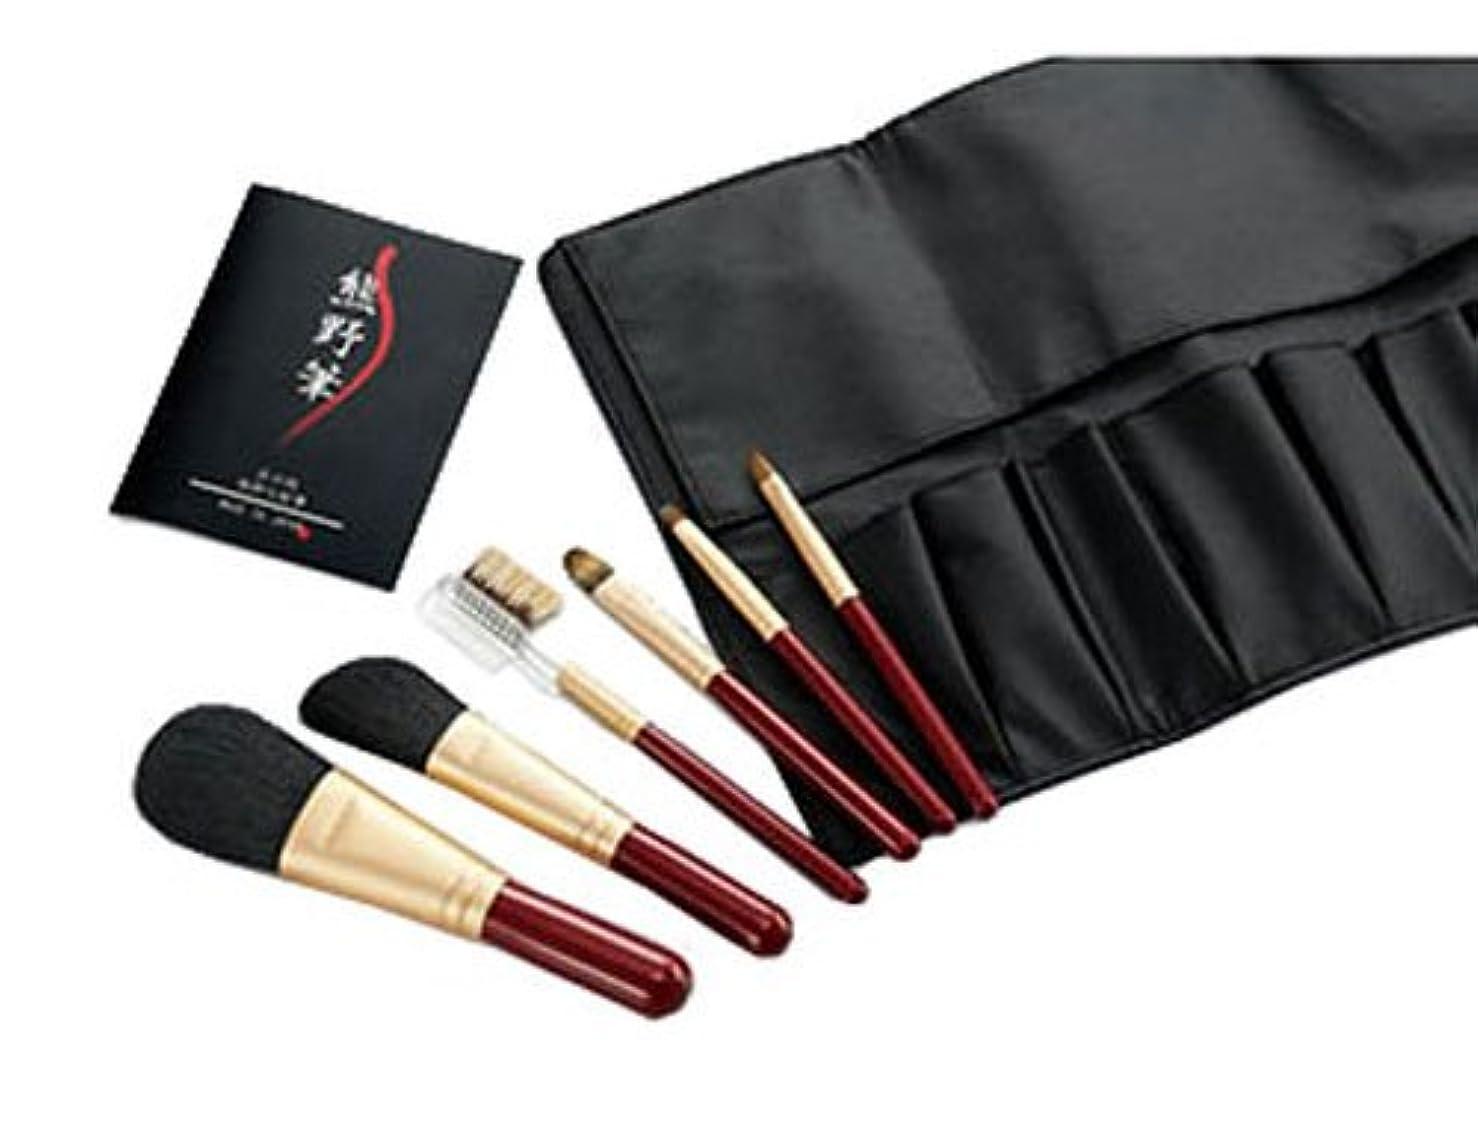 サワーパワーセルシルク熊野筆 化粧筆セット KFi-R156